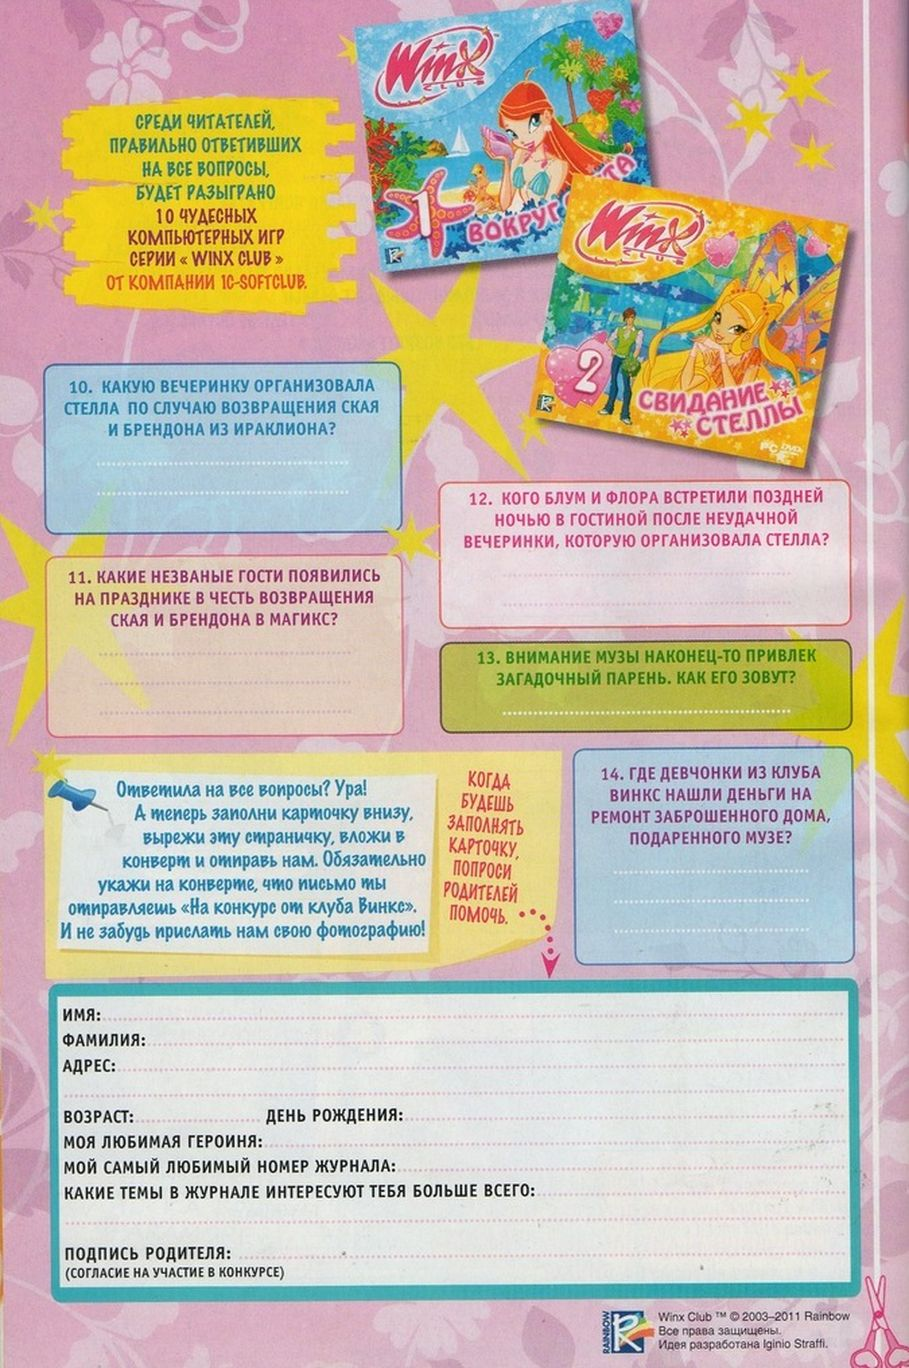 Комикс Винкс Winx - Каменные великаны (Журнал Винкс №11 2011) - стр. 57